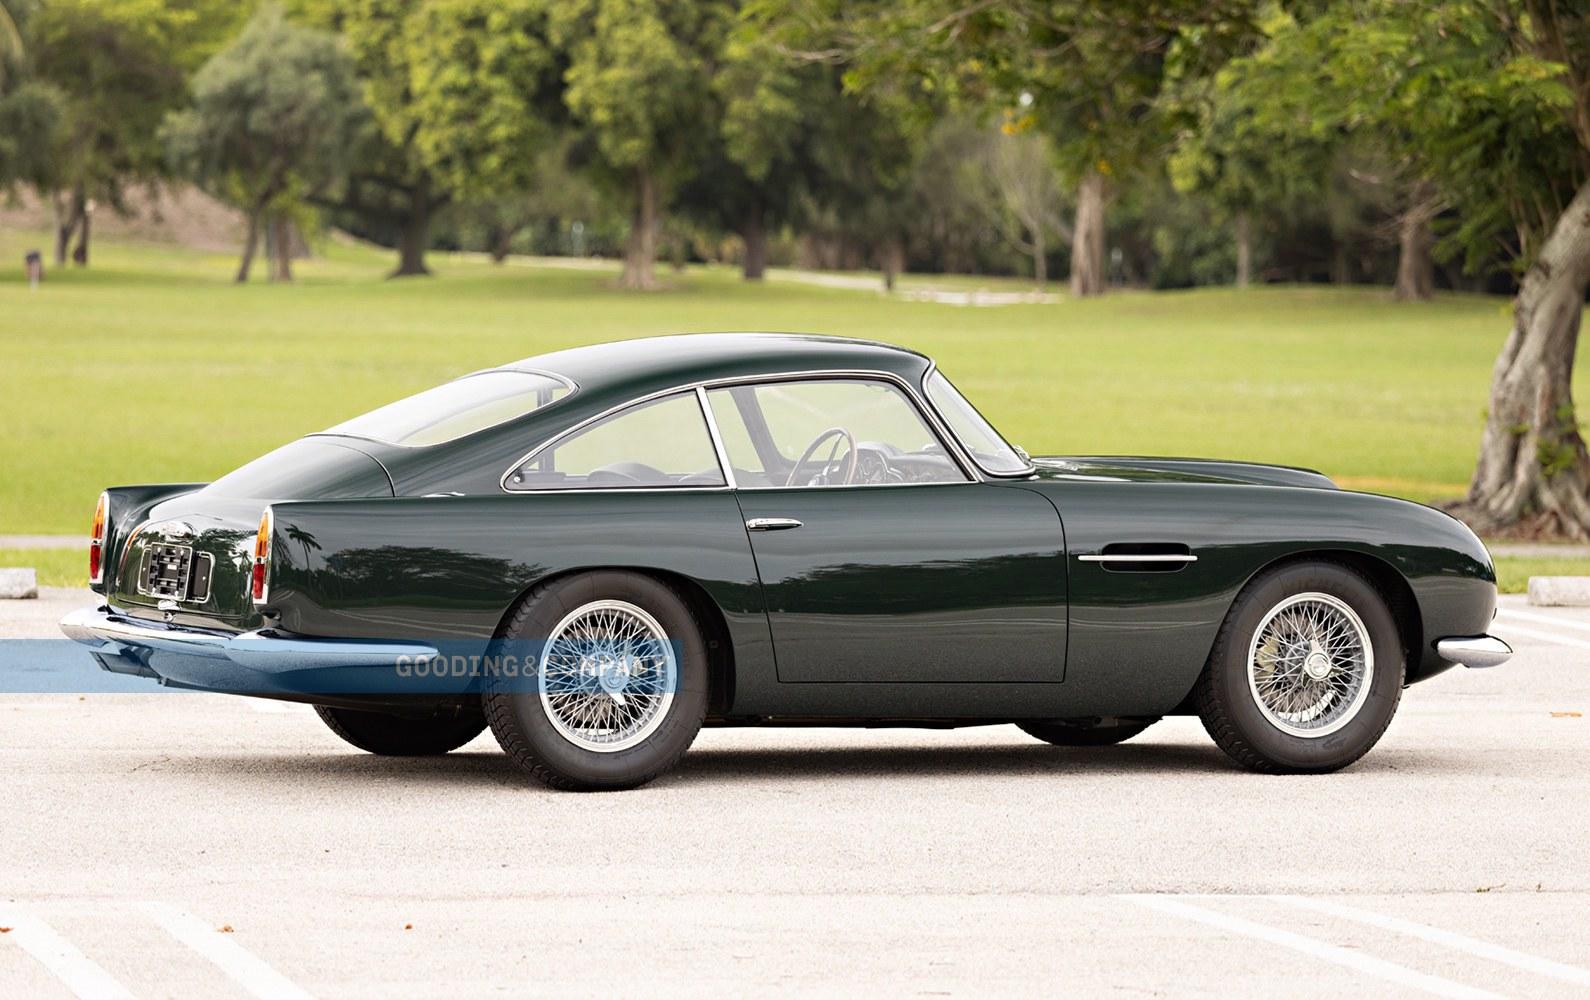 Aston_Martin_DB4_GT_sale-0003